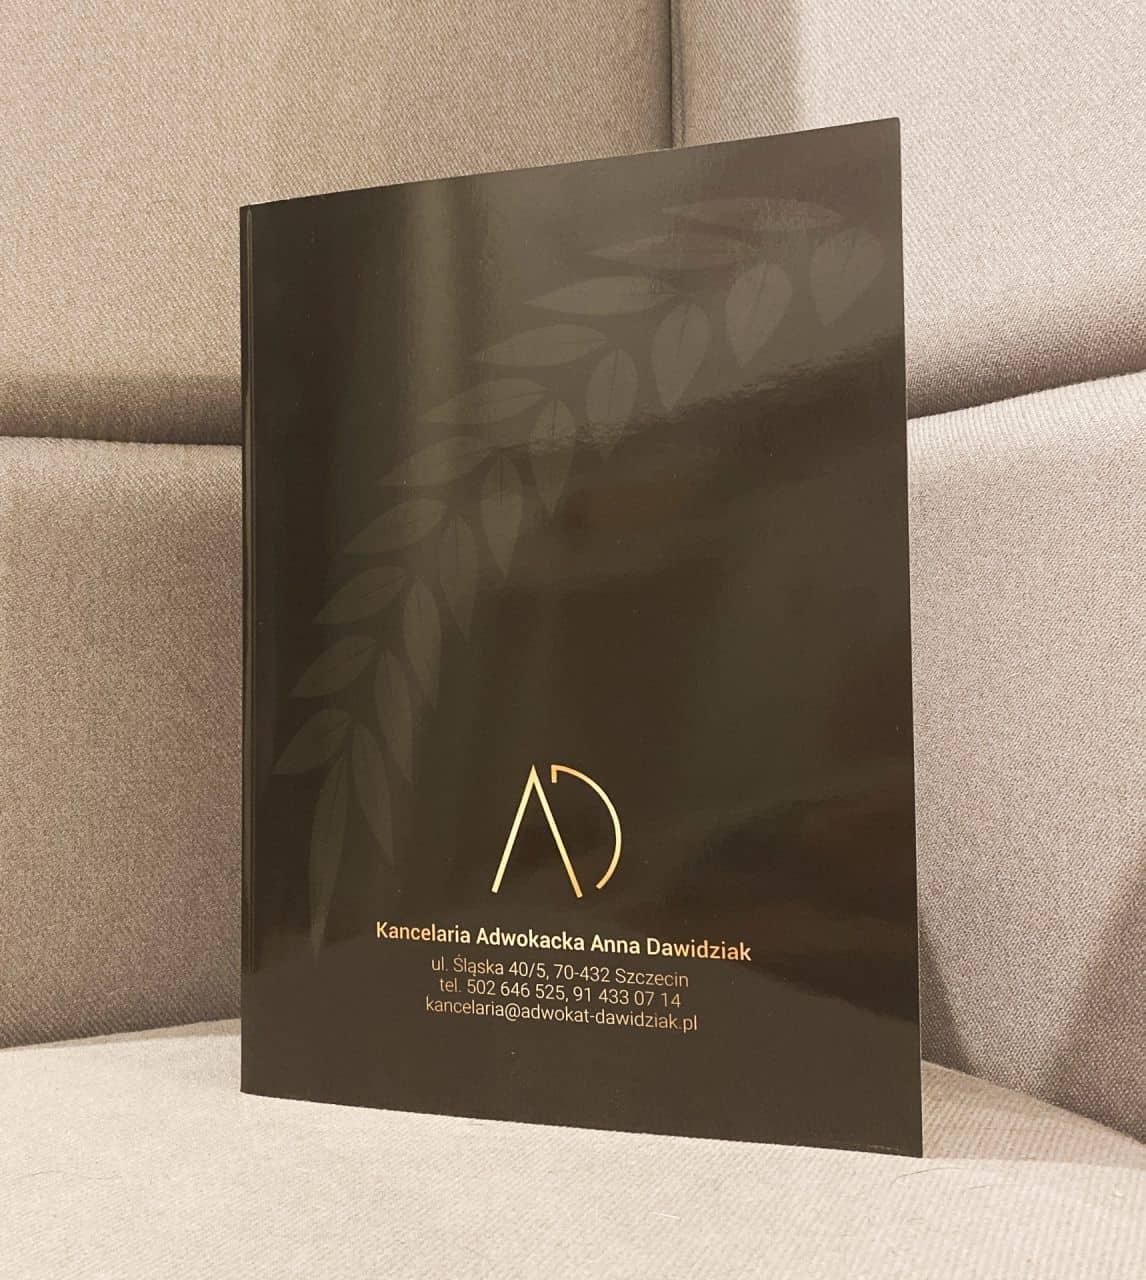 teczki dla kancelarii Adwokackiej Anna Dawidziak